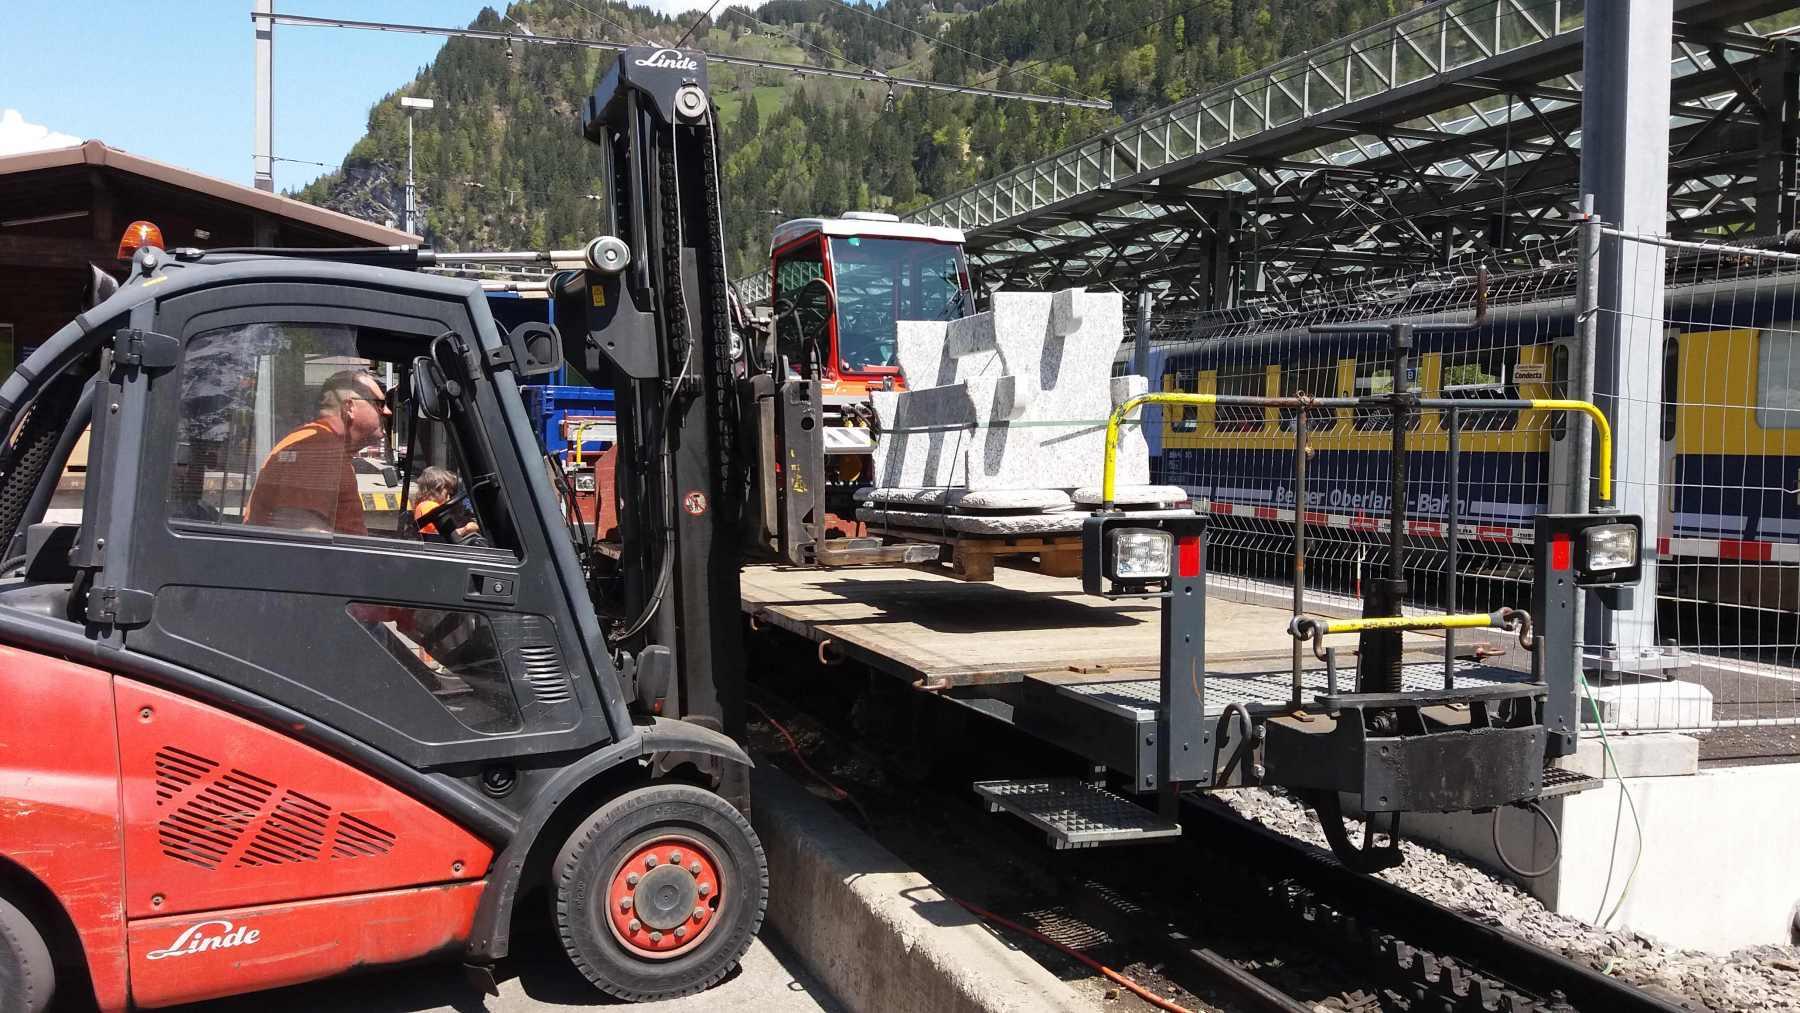 Verlad-nach-Autofrei-Zermatt-mit-der-Bahn